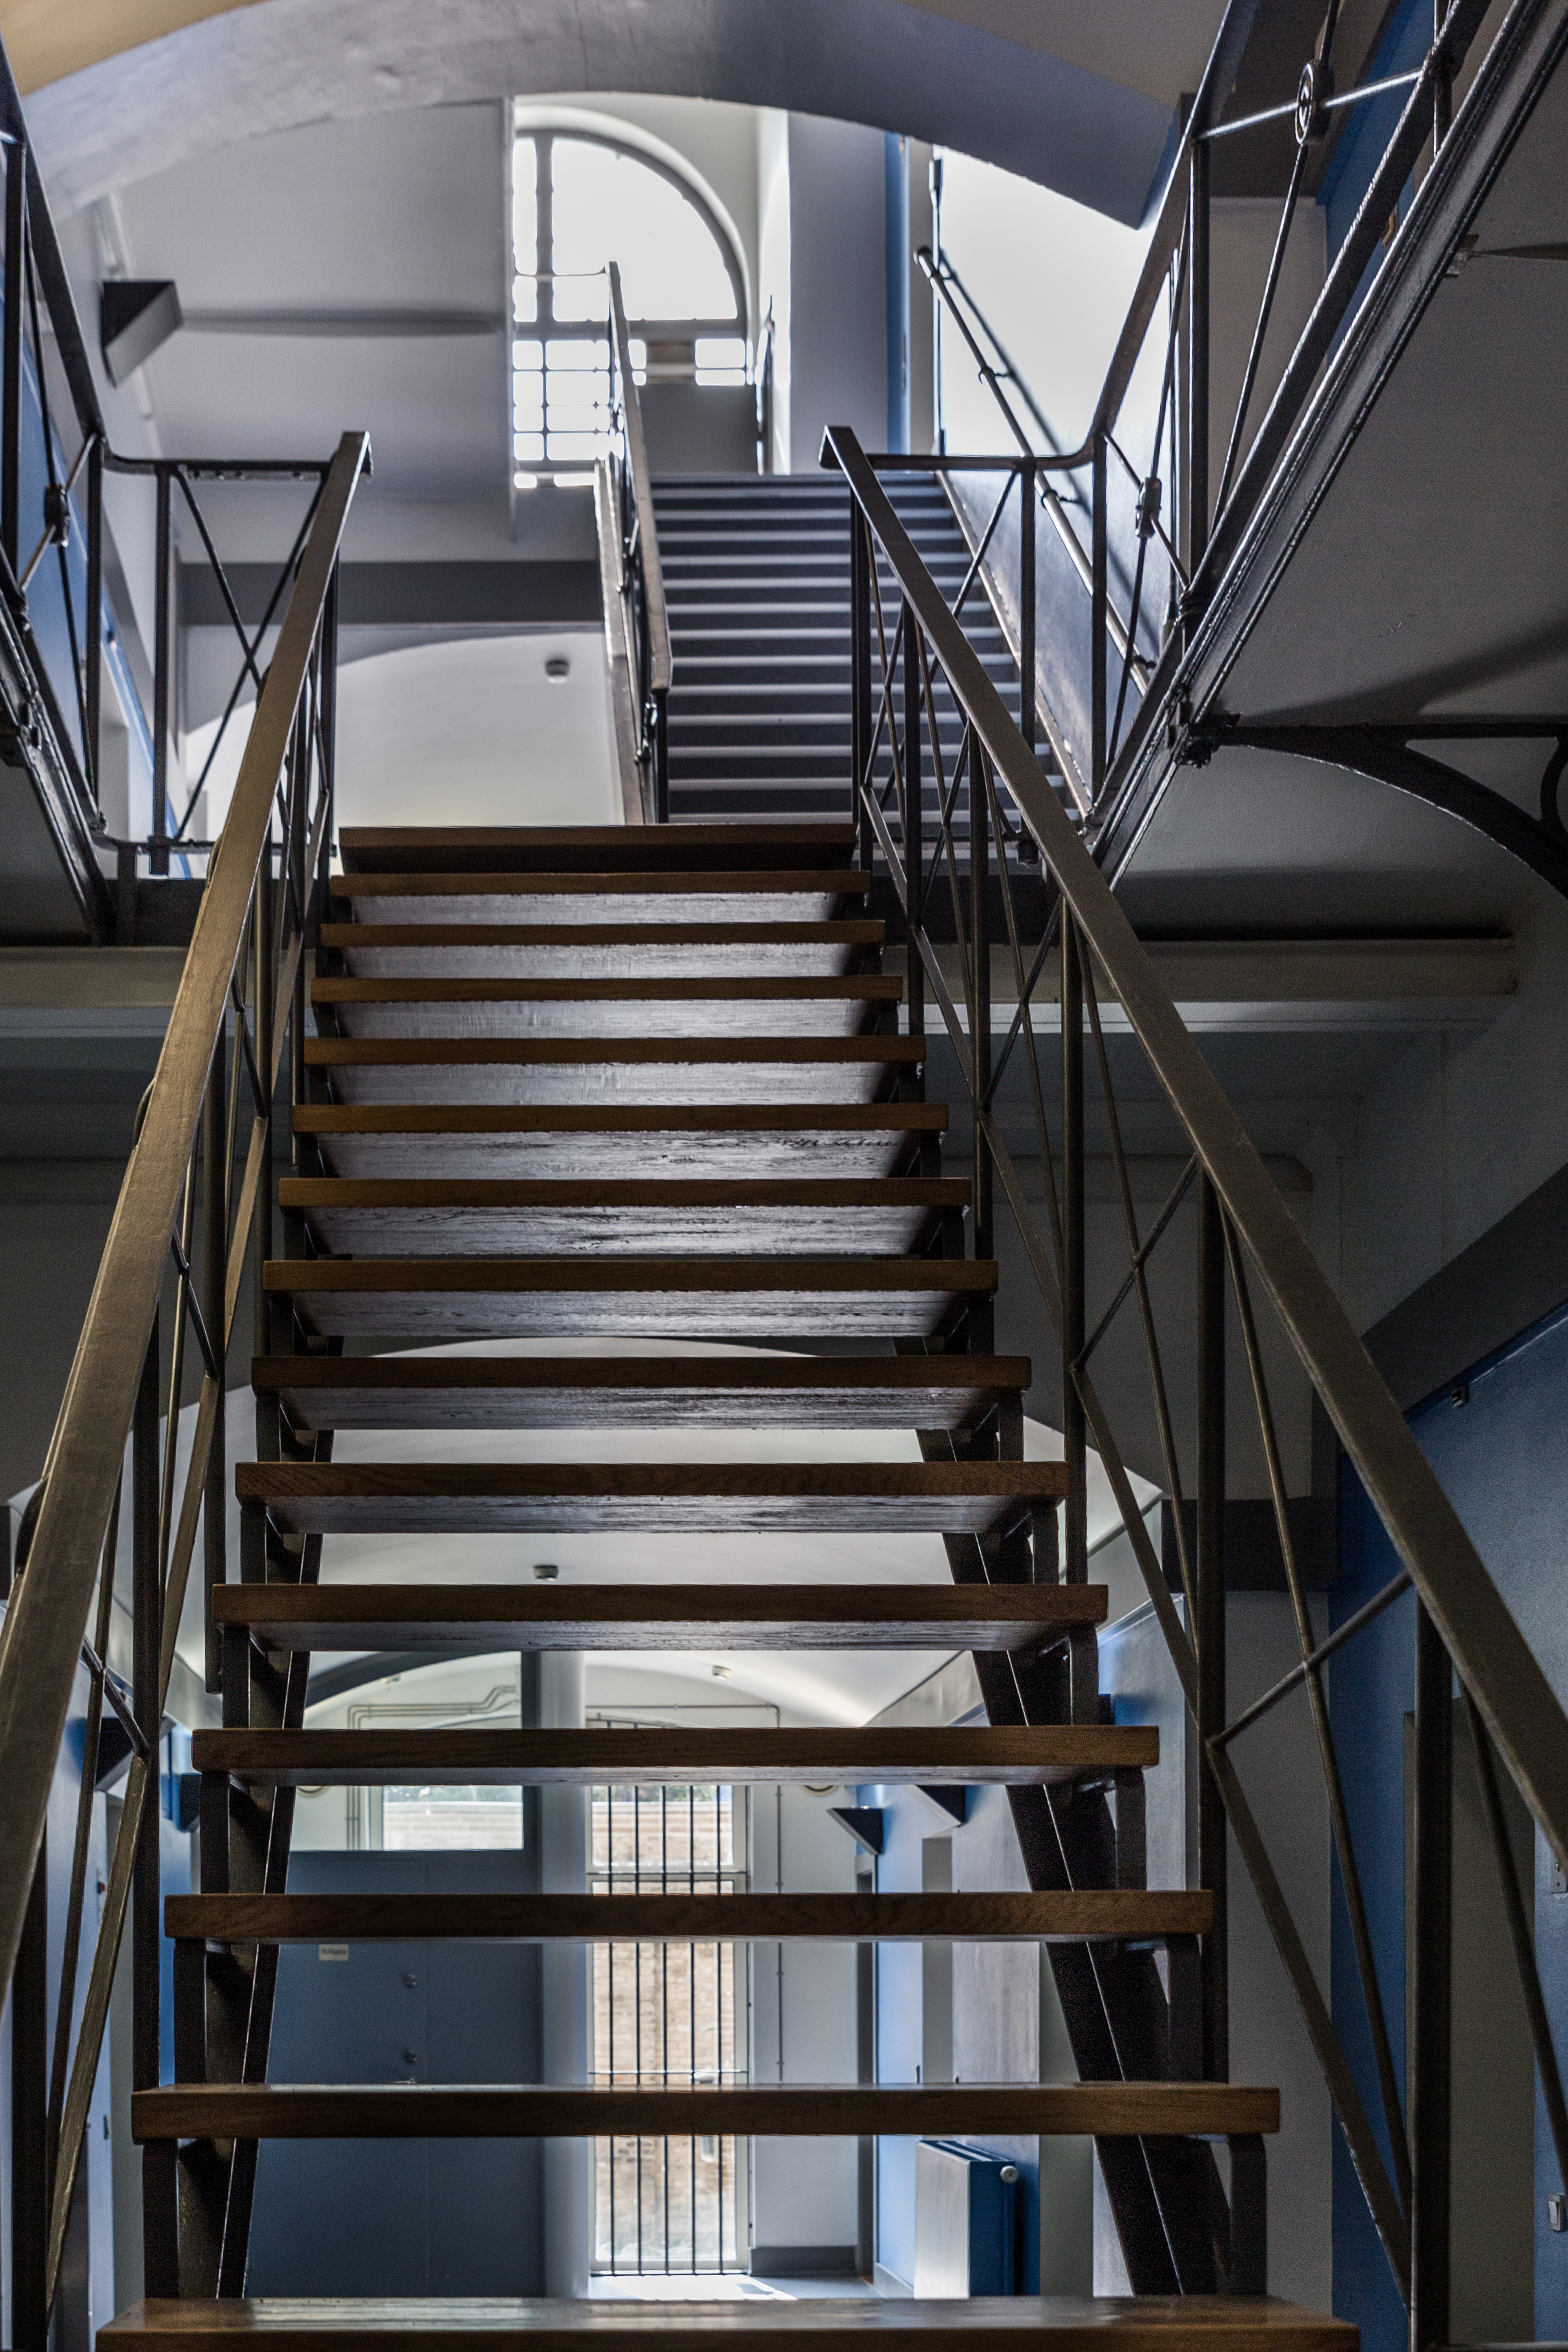 Arresthuset i Odense har tre etager